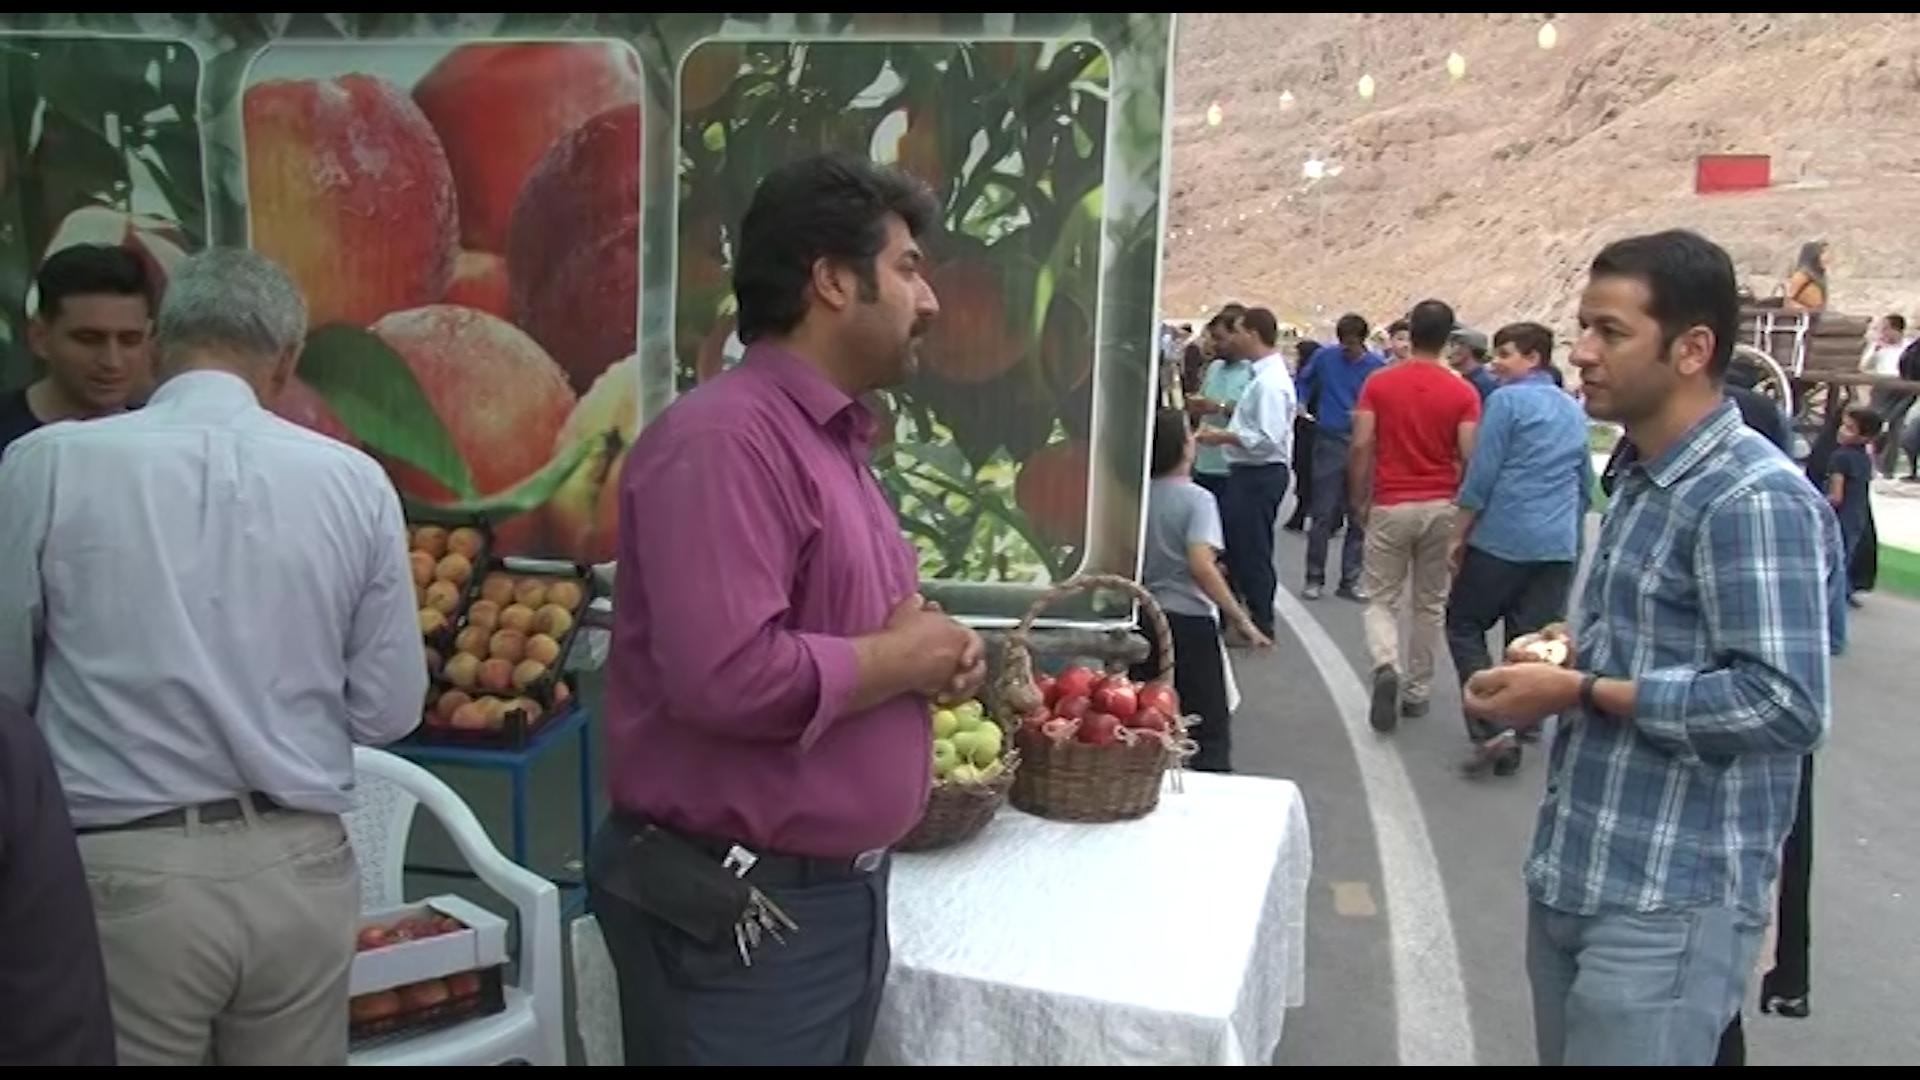 جشنواره هلوی قلعه شاهی در گلدشت + تصاویر و فیلم جشنواره جشنواره هلوی قلعه شاهی در گلدشت + تصاویر و فیلم                            7